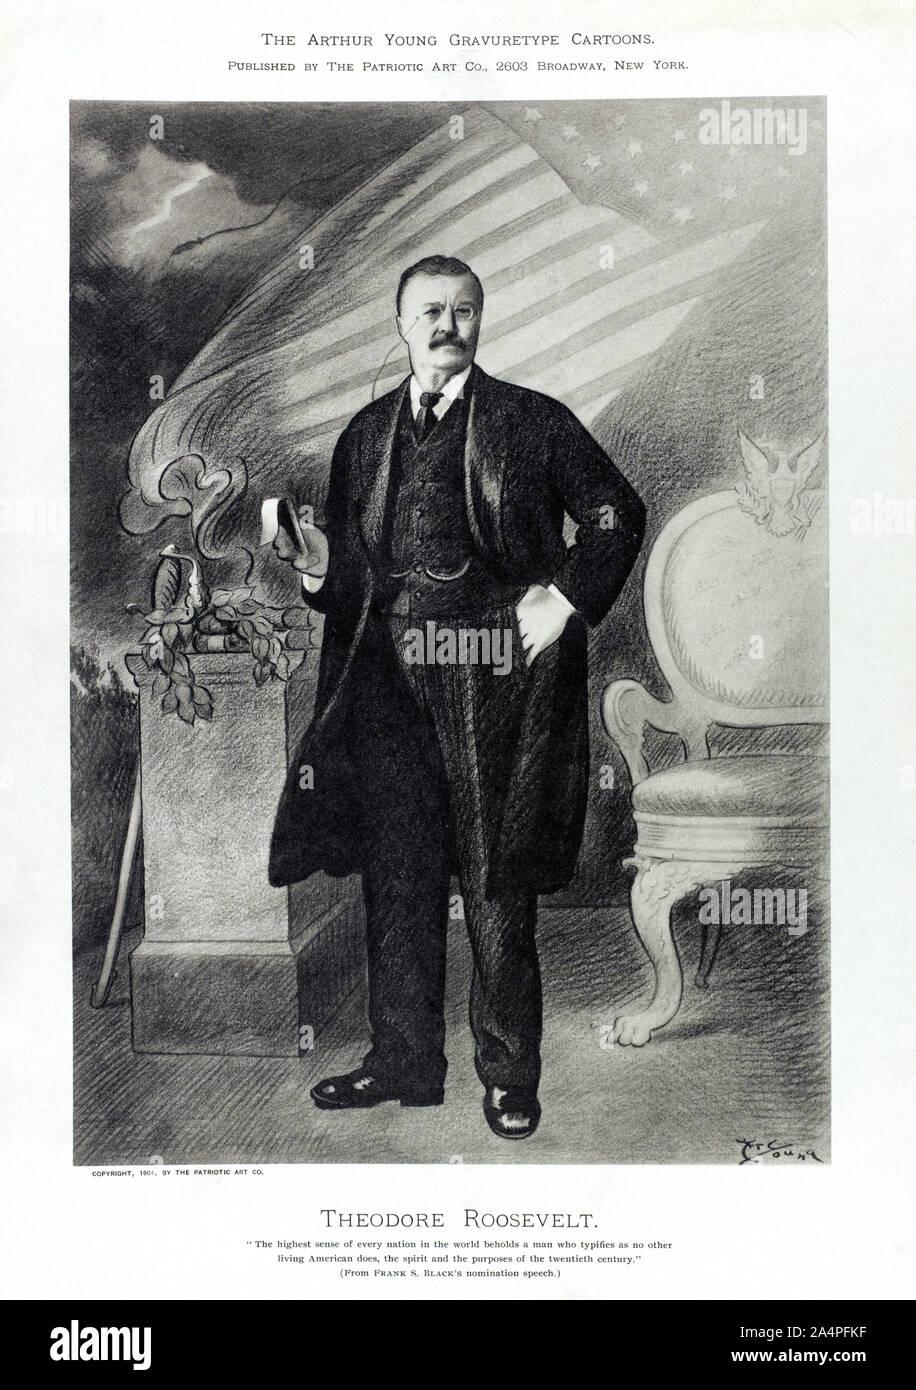 Theodore Roosevelt (1858-1919), 26º Presidente de los Estados Unidos, 1901-09 Full-Length retrato, ilustraciones por Arthur Young, Arthur Young Gravuretype caricaturas, publicada por el arte patriótico Co., 1904 Foto de stock